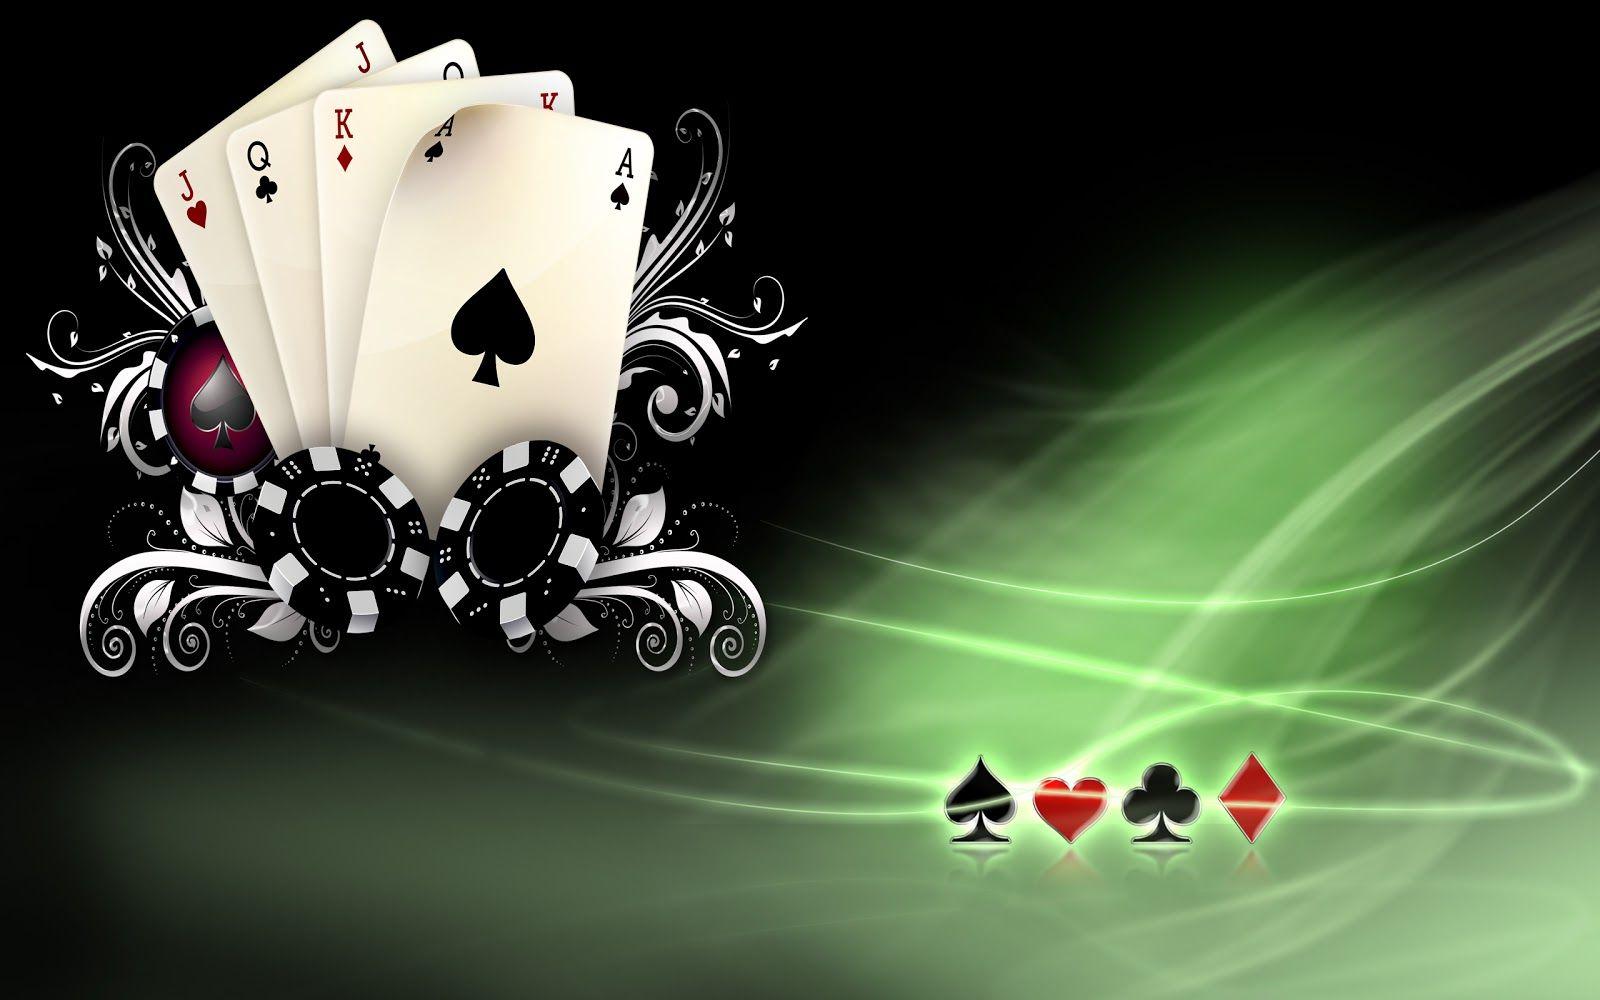 Poker Online Terpercaya: Play Online Poker Safely